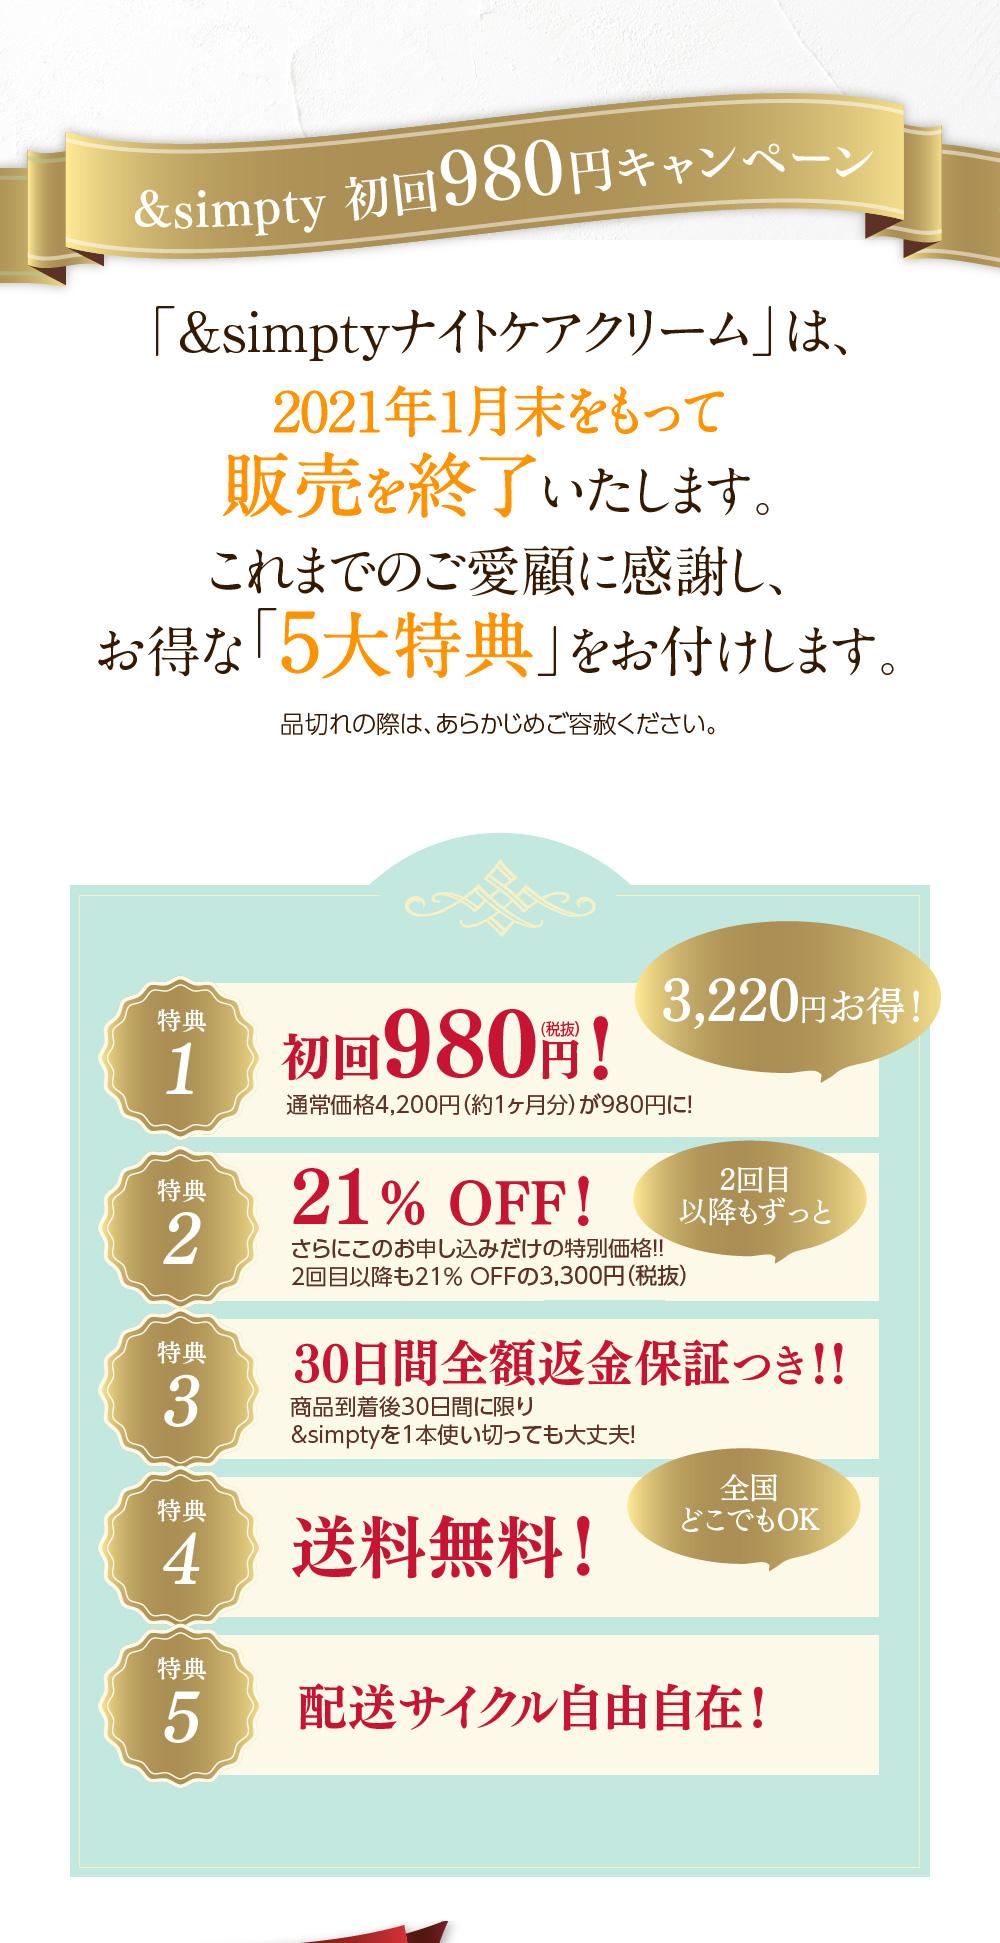 &simpty 初回980円キャンペーンこのページから 「&simpty」定期コースでお申し込みの方先着300名様にお得な「5大特典」をお付けします